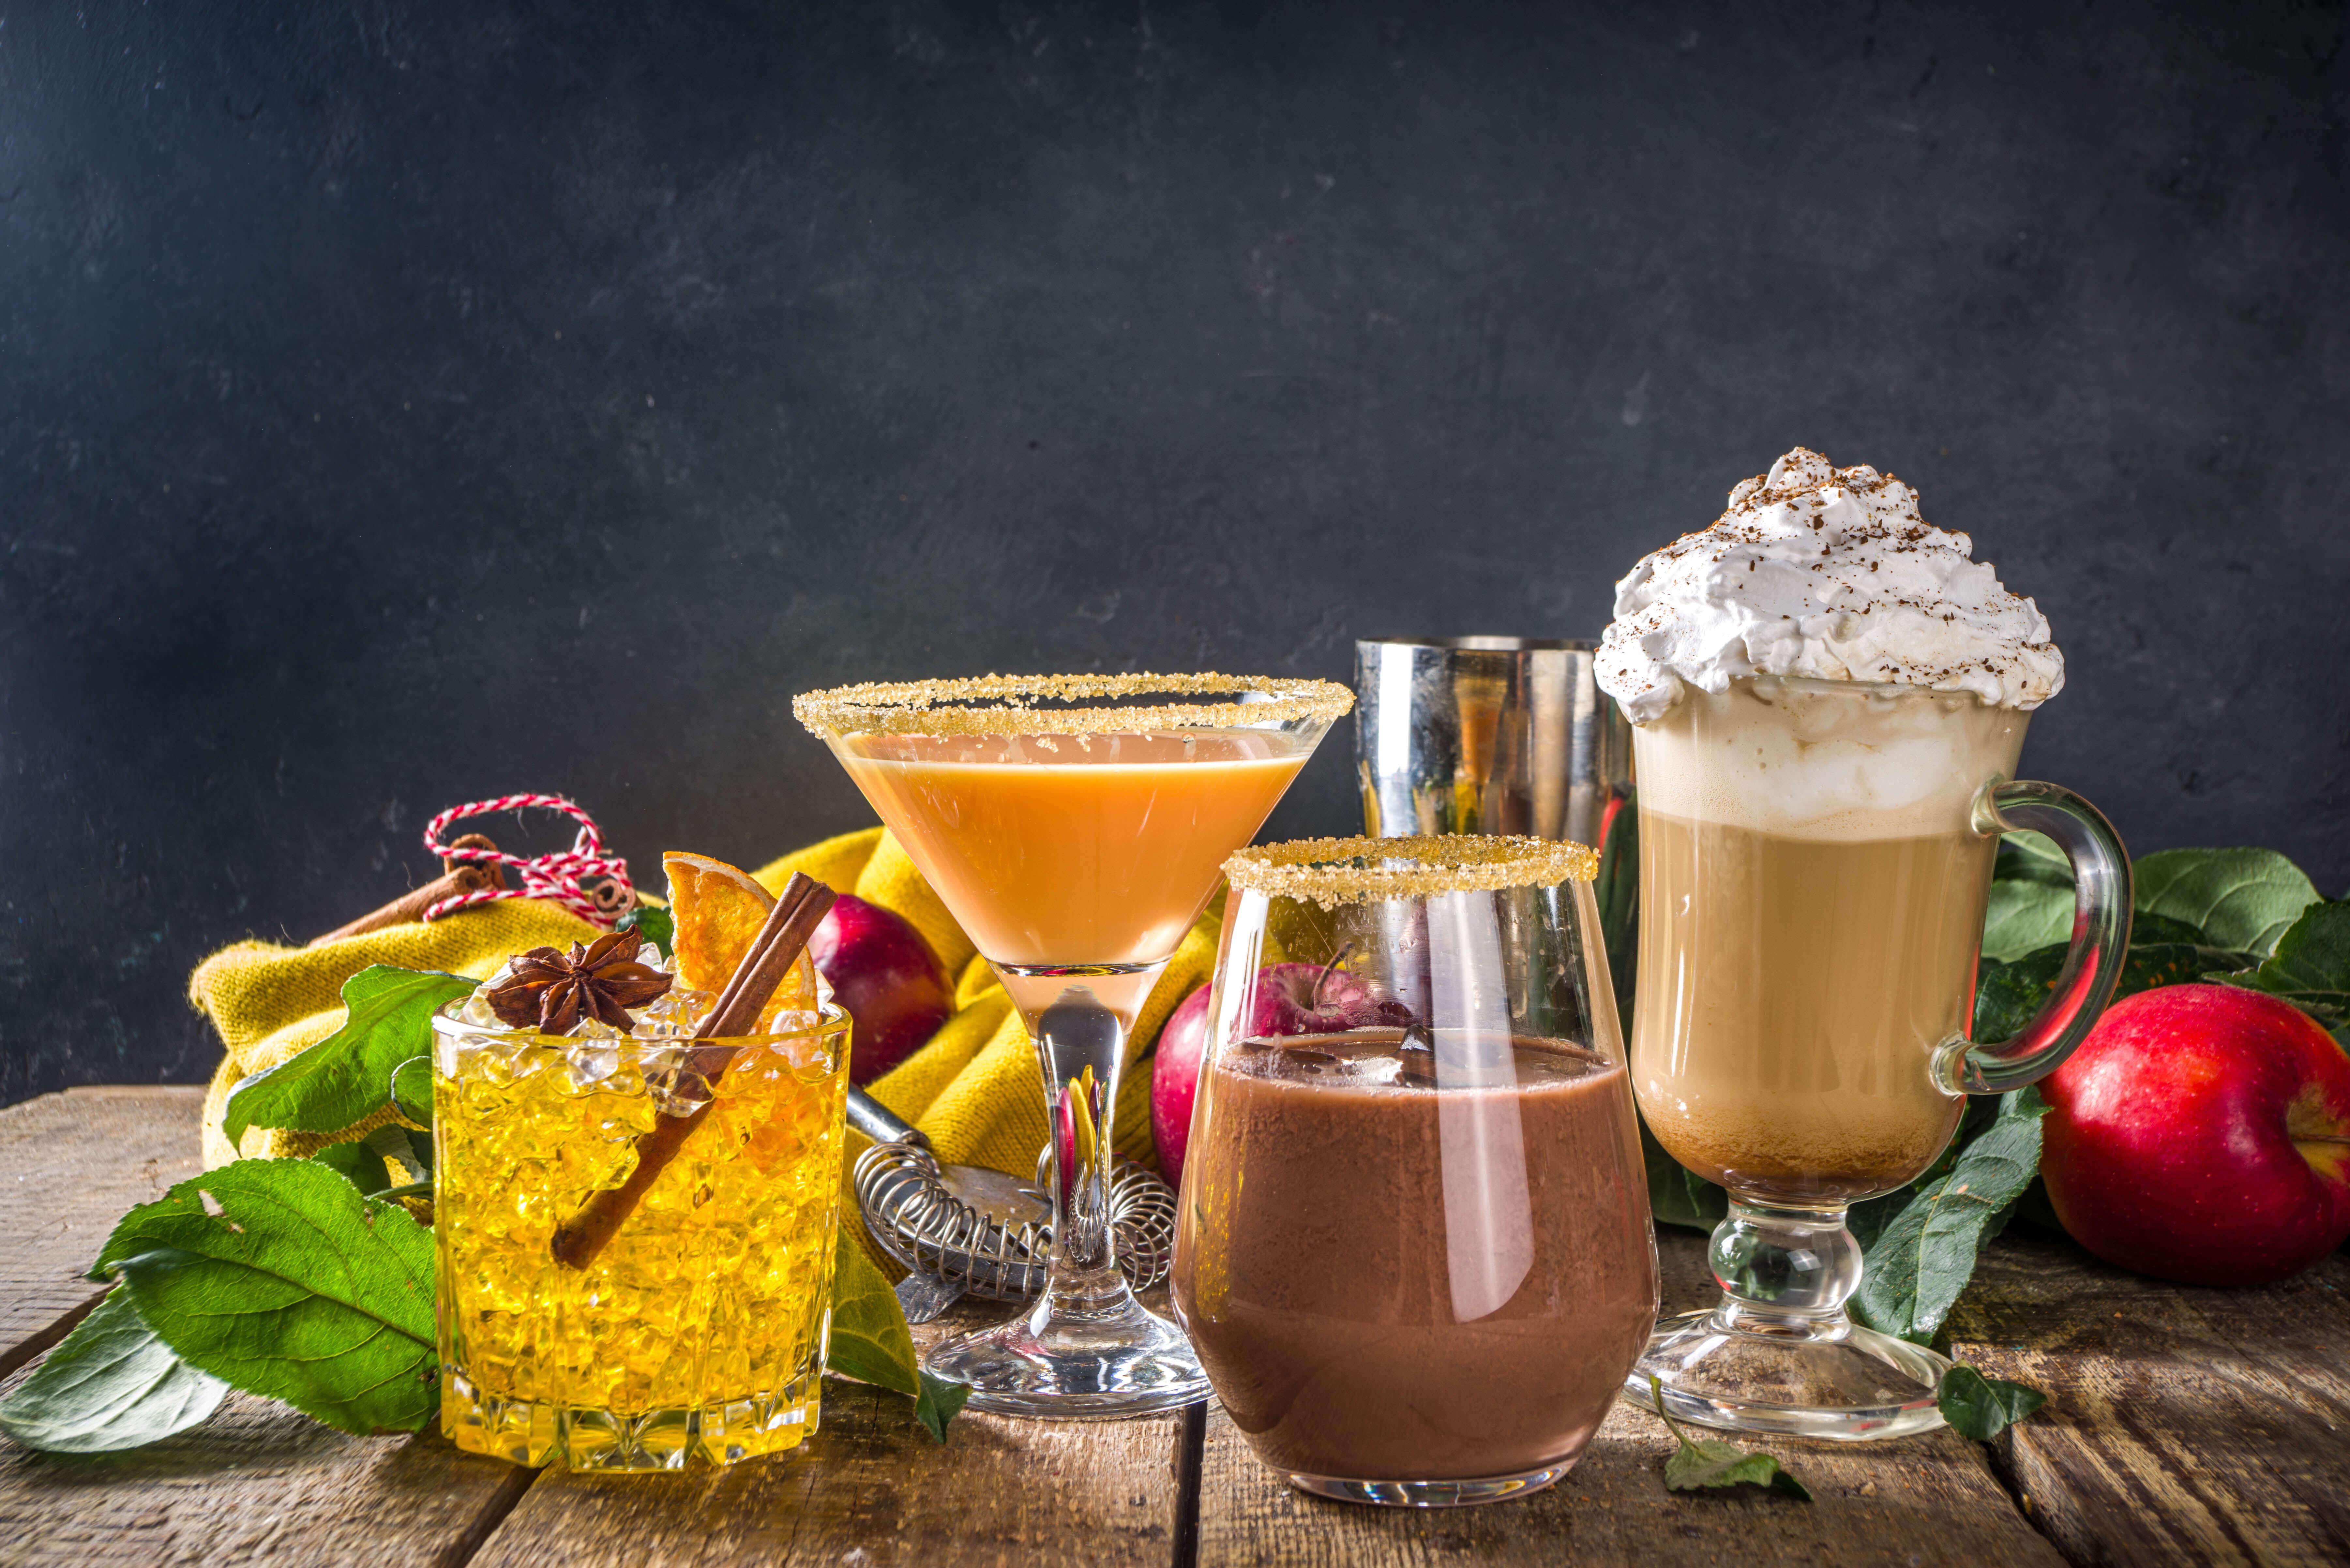 אלכוהול באונליין – איך לקנות עם כל היתרונות